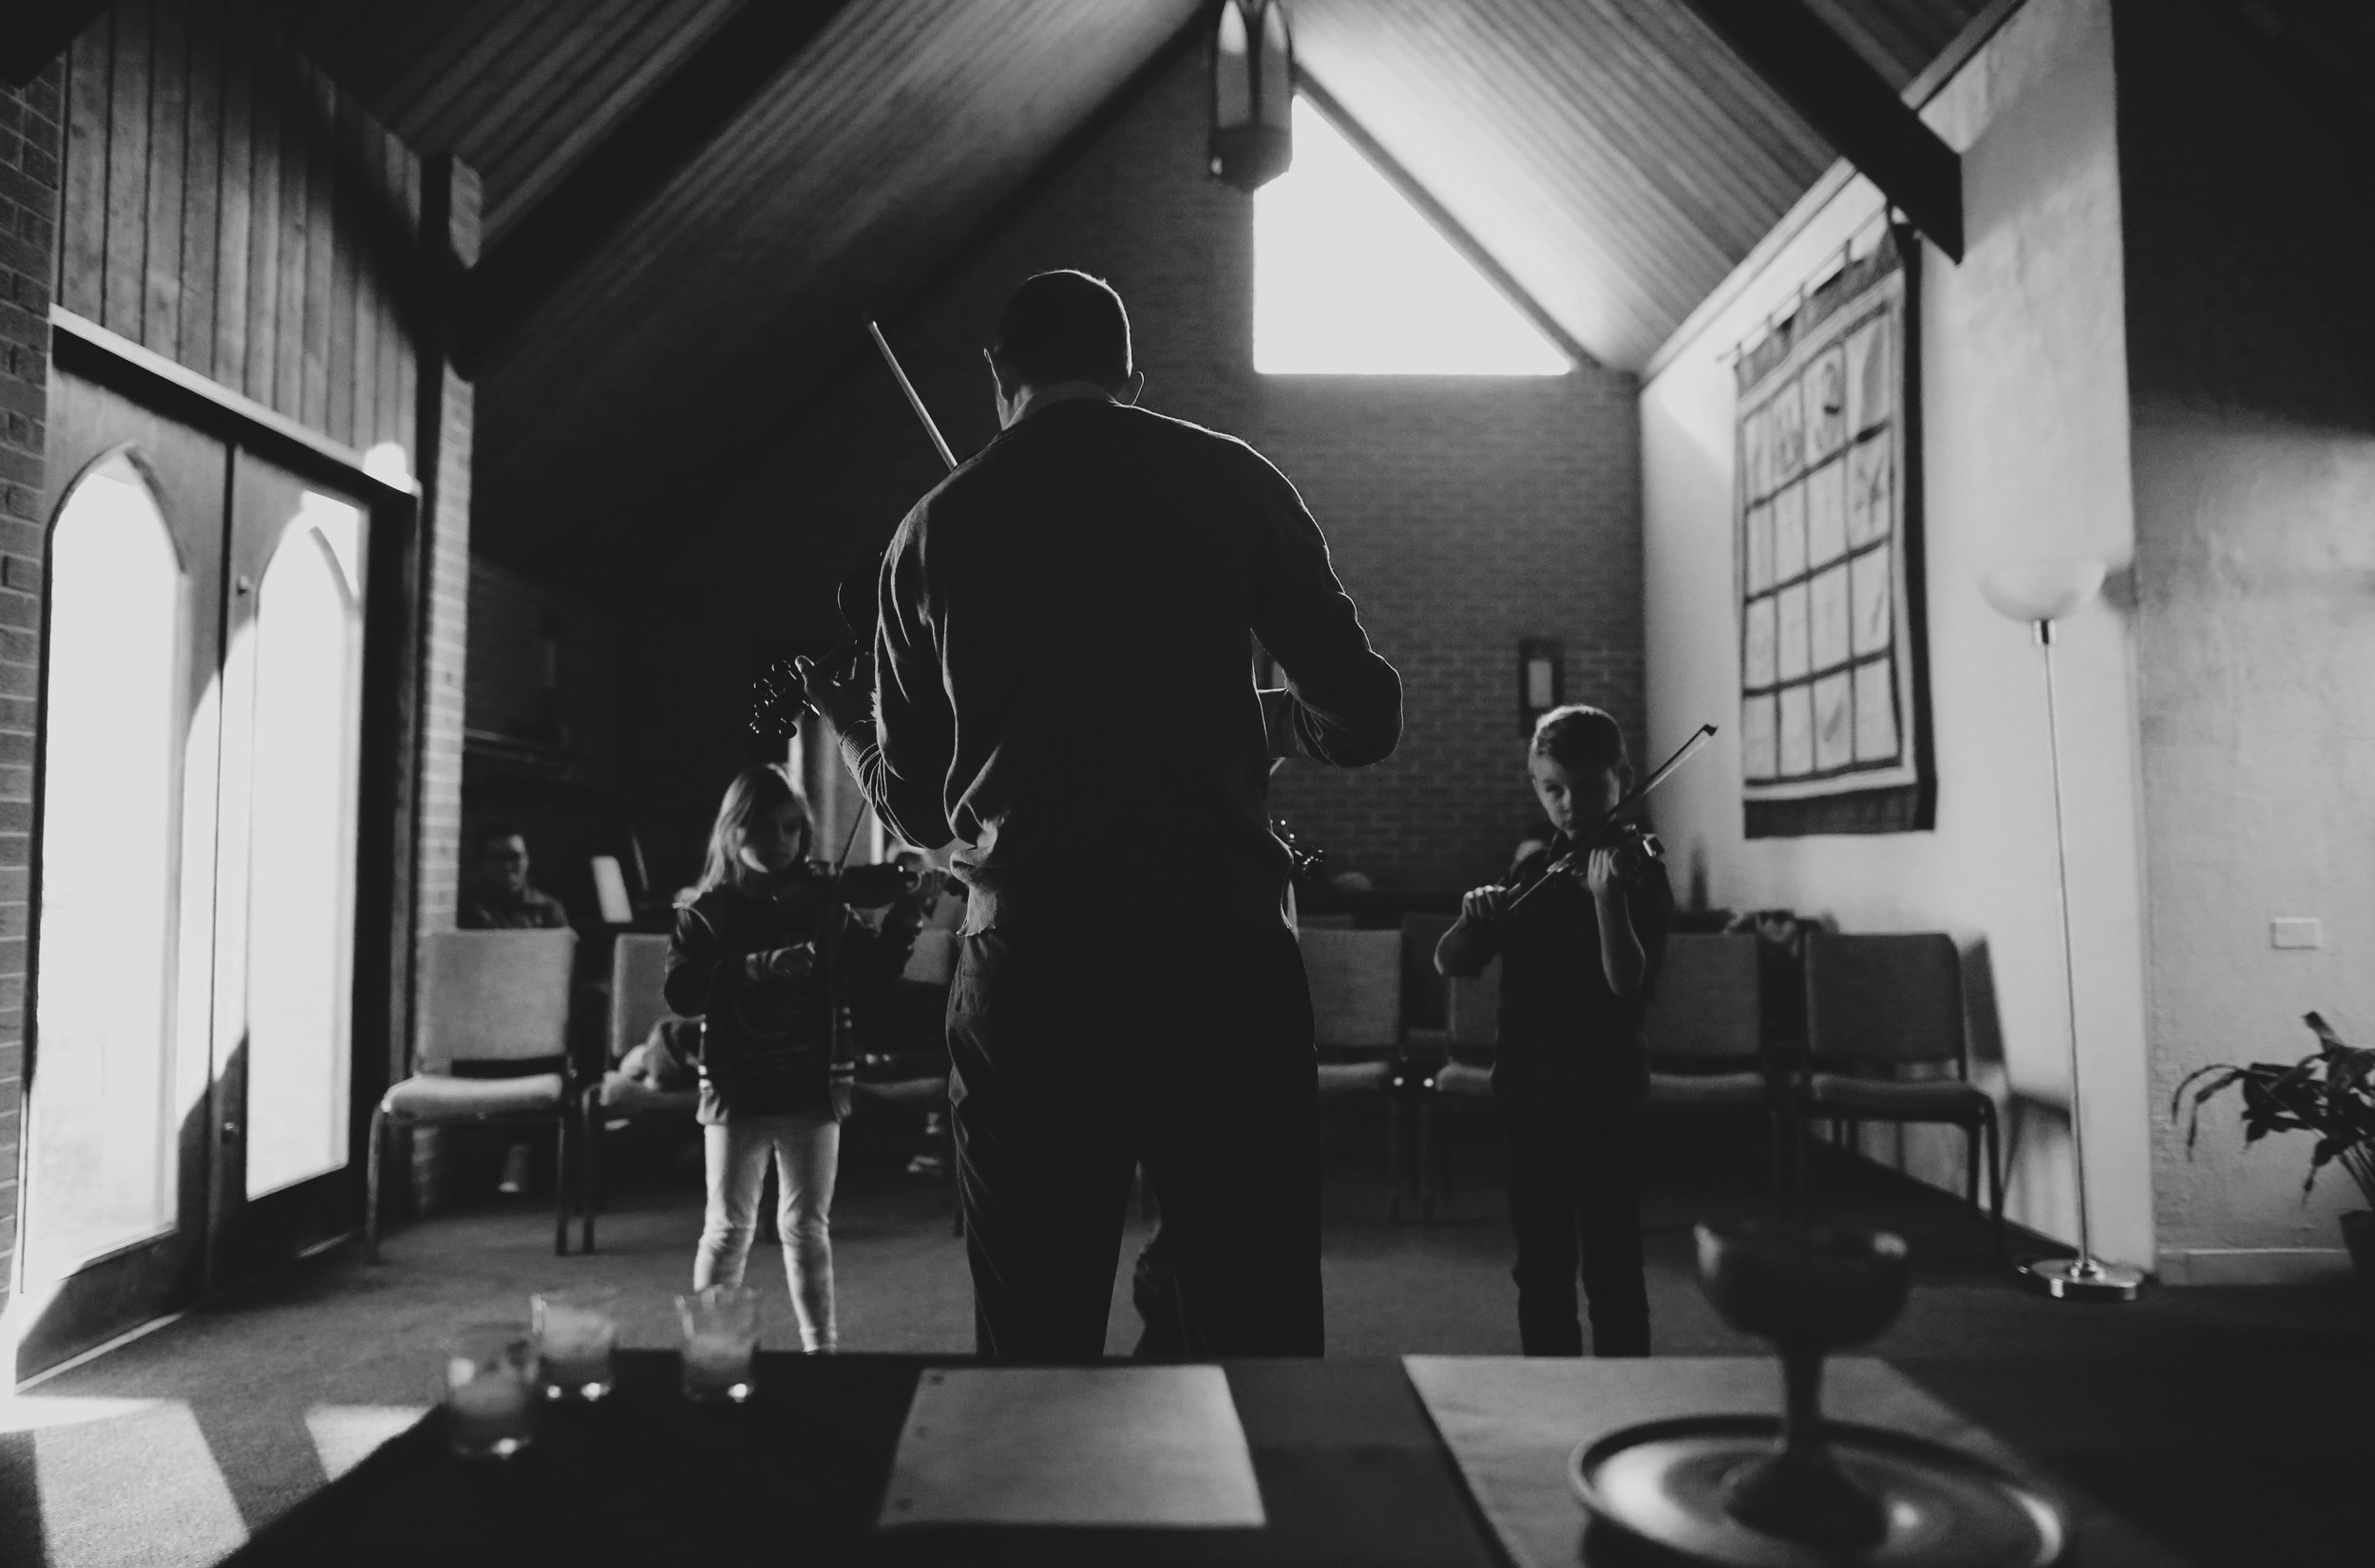 violin class at Morton Grove Community Church